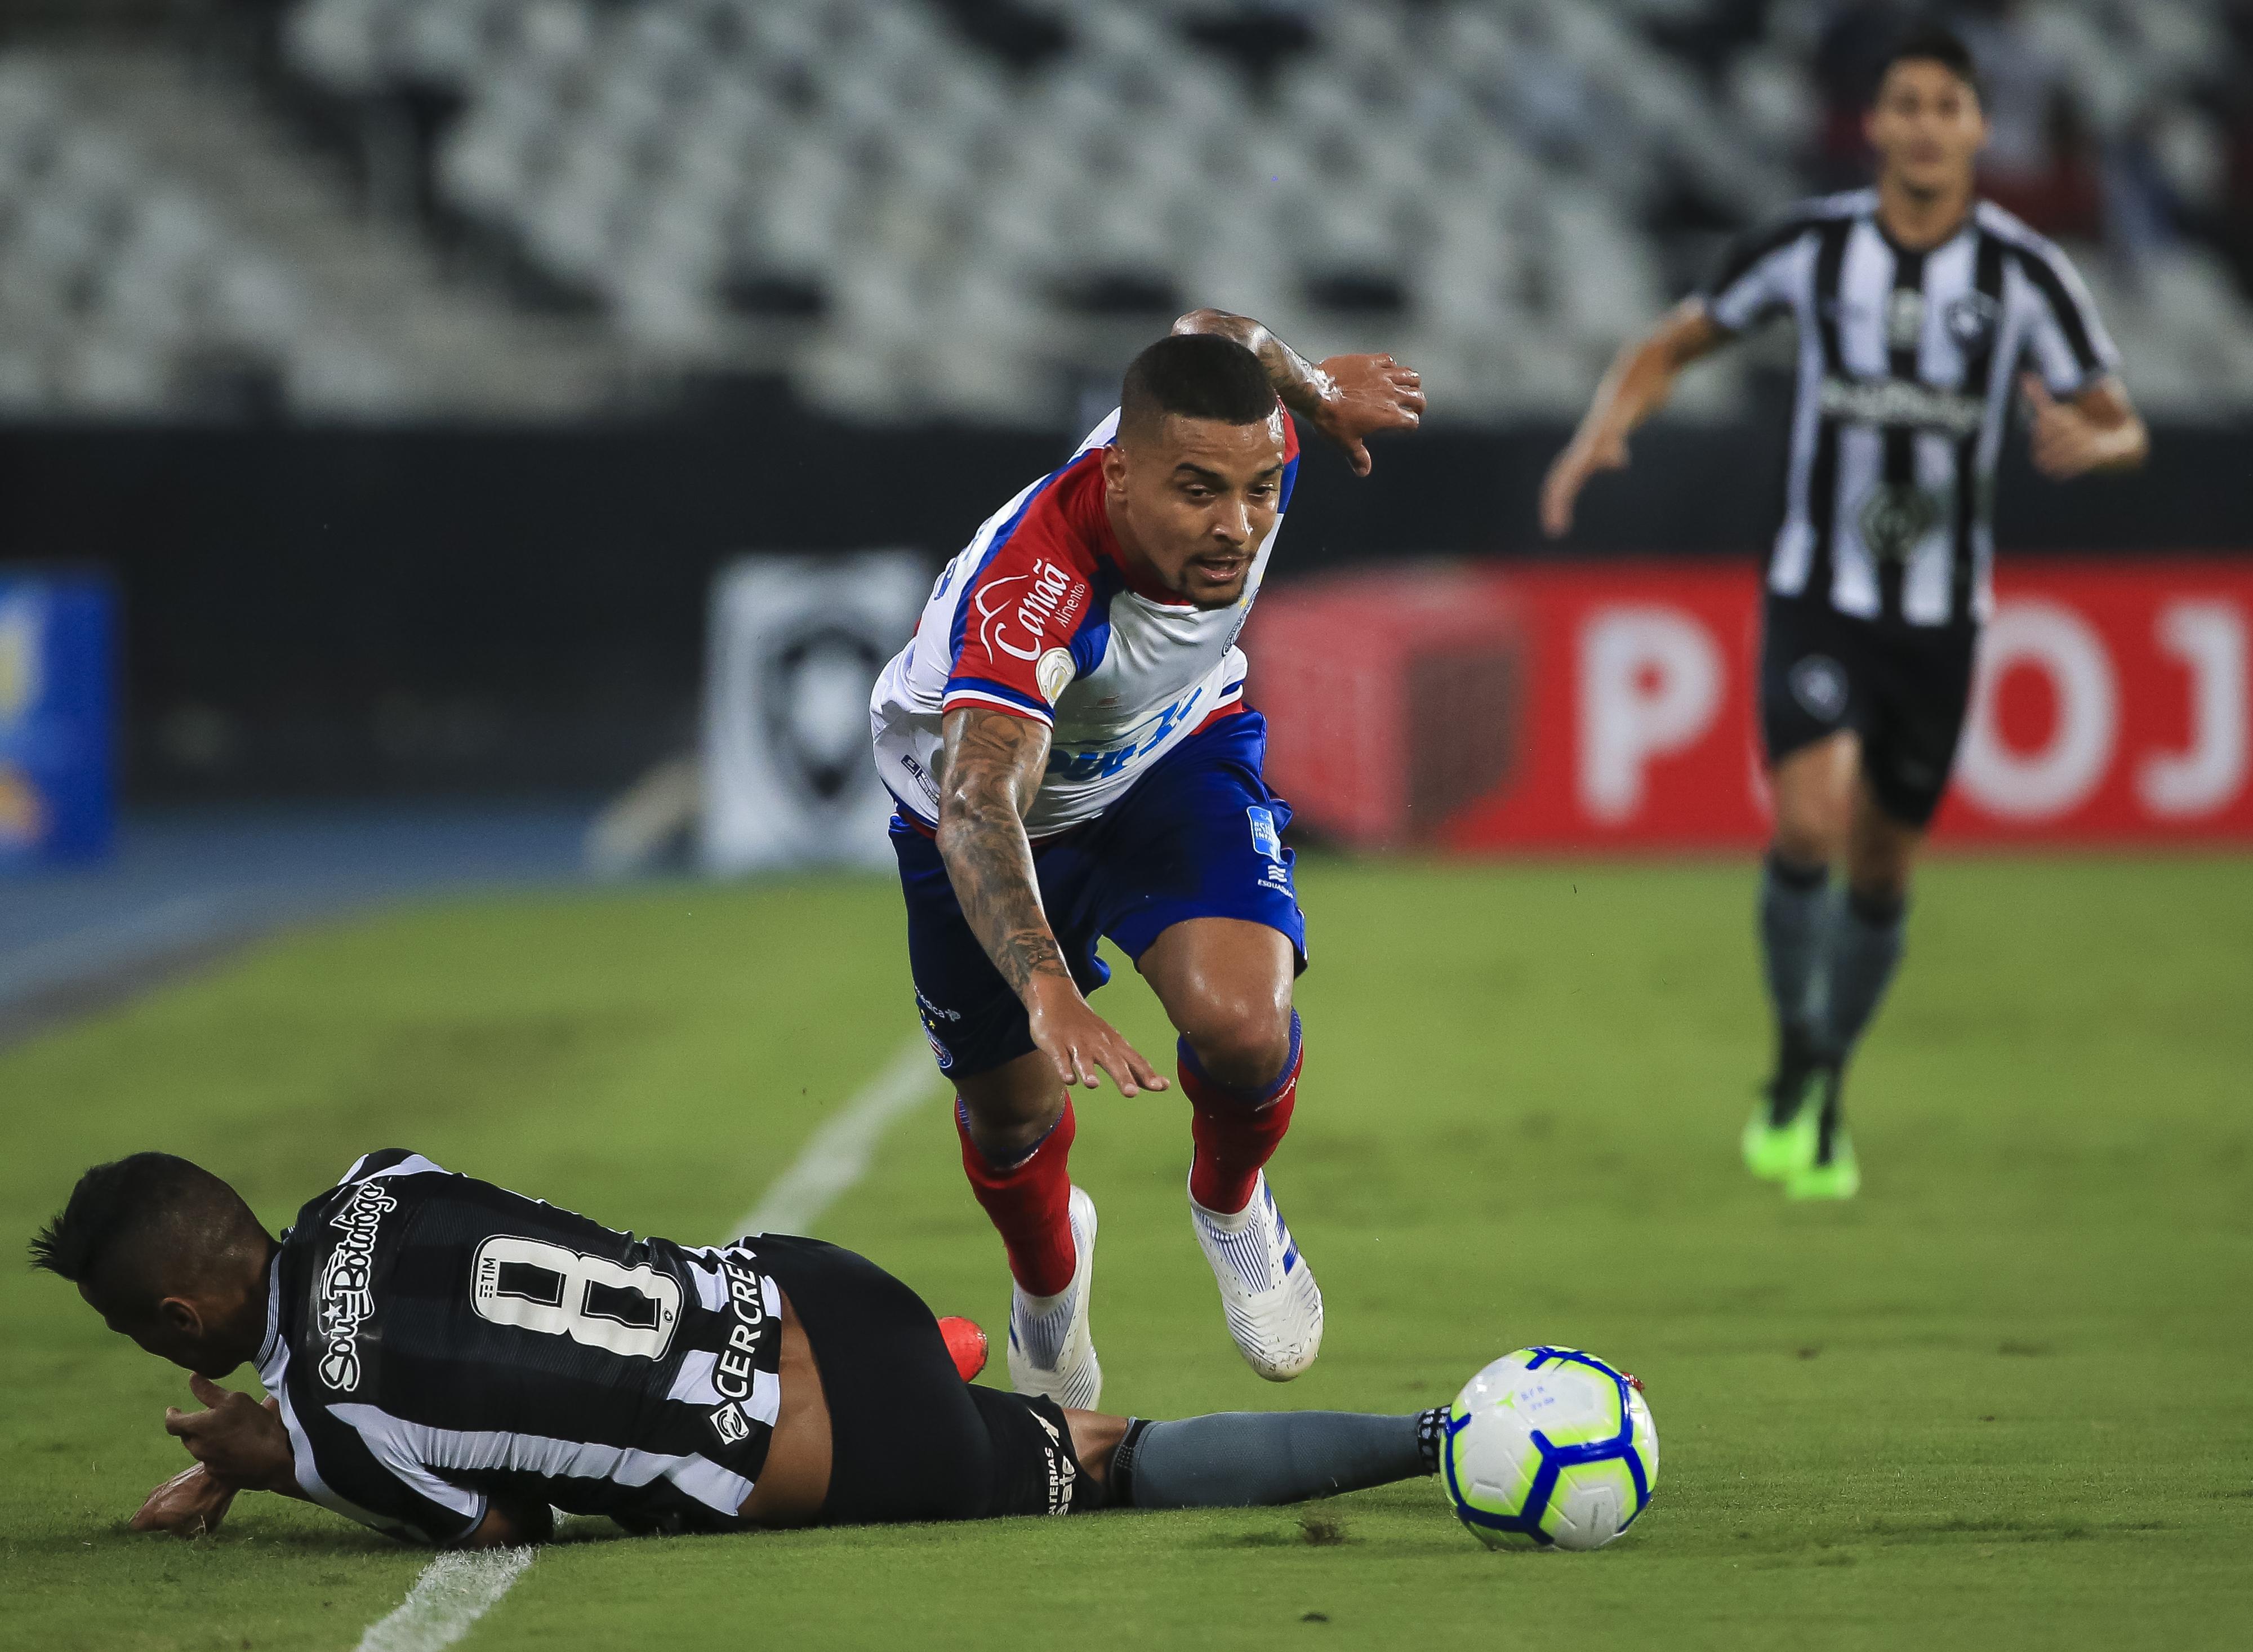 博塔弗戈v巴伊亚 -  Brasileirao A系列2019